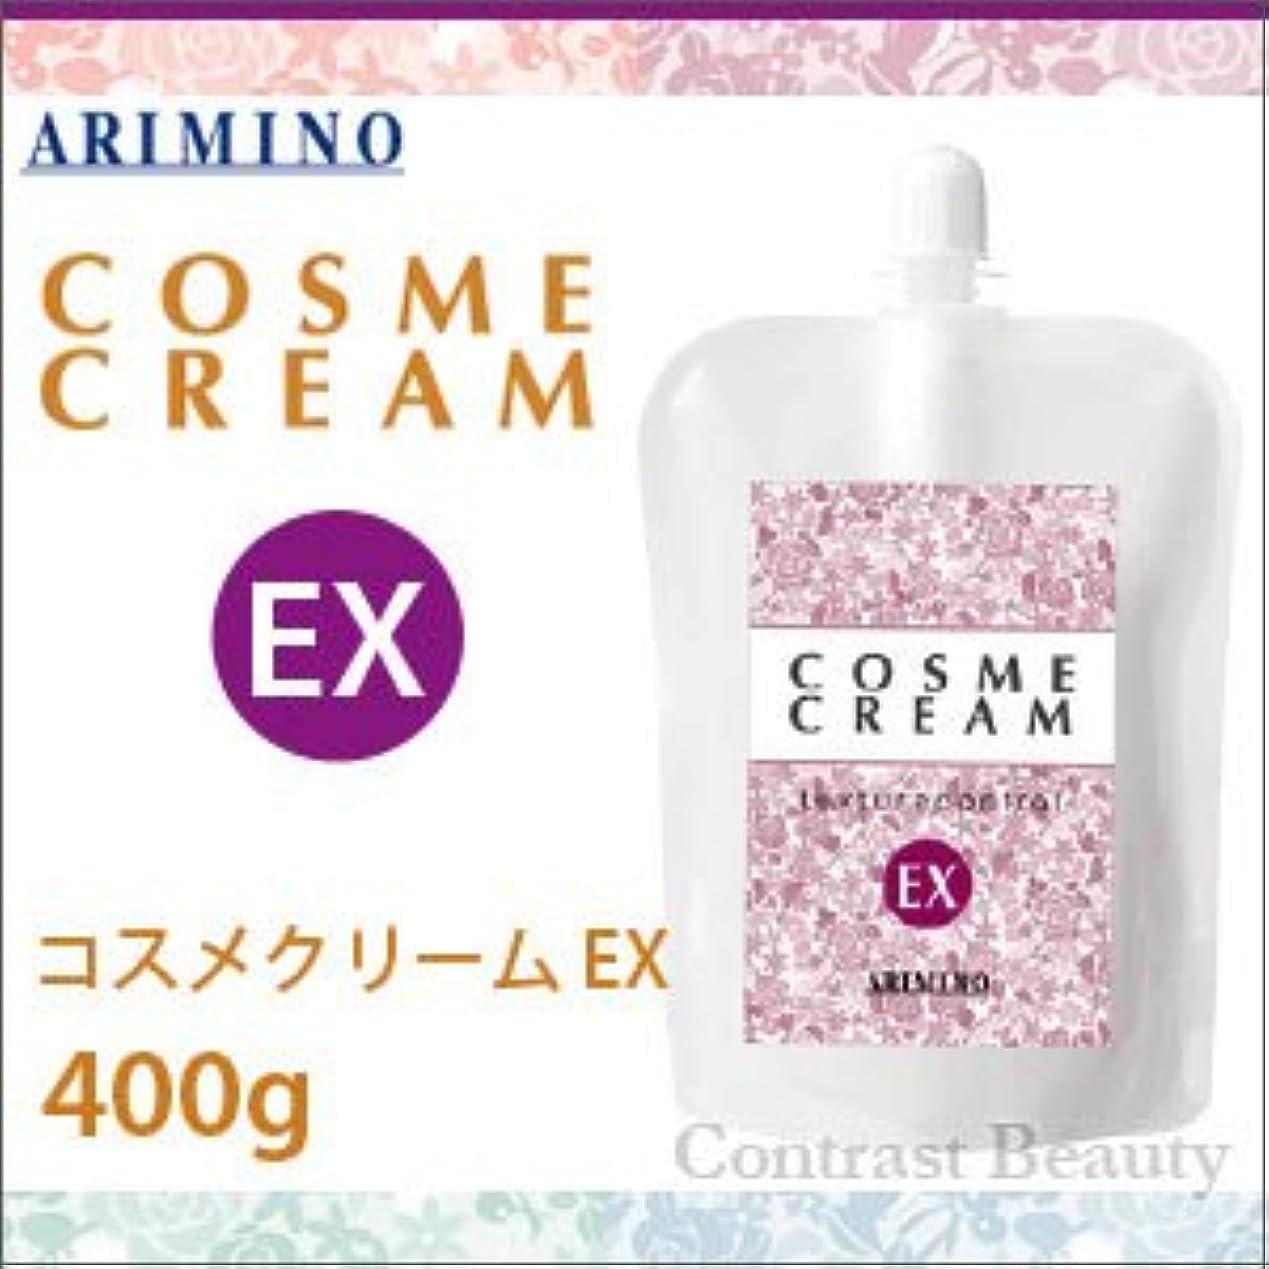 ルーキータンザニア衝撃アリミノ コスメクリーム EX 400g